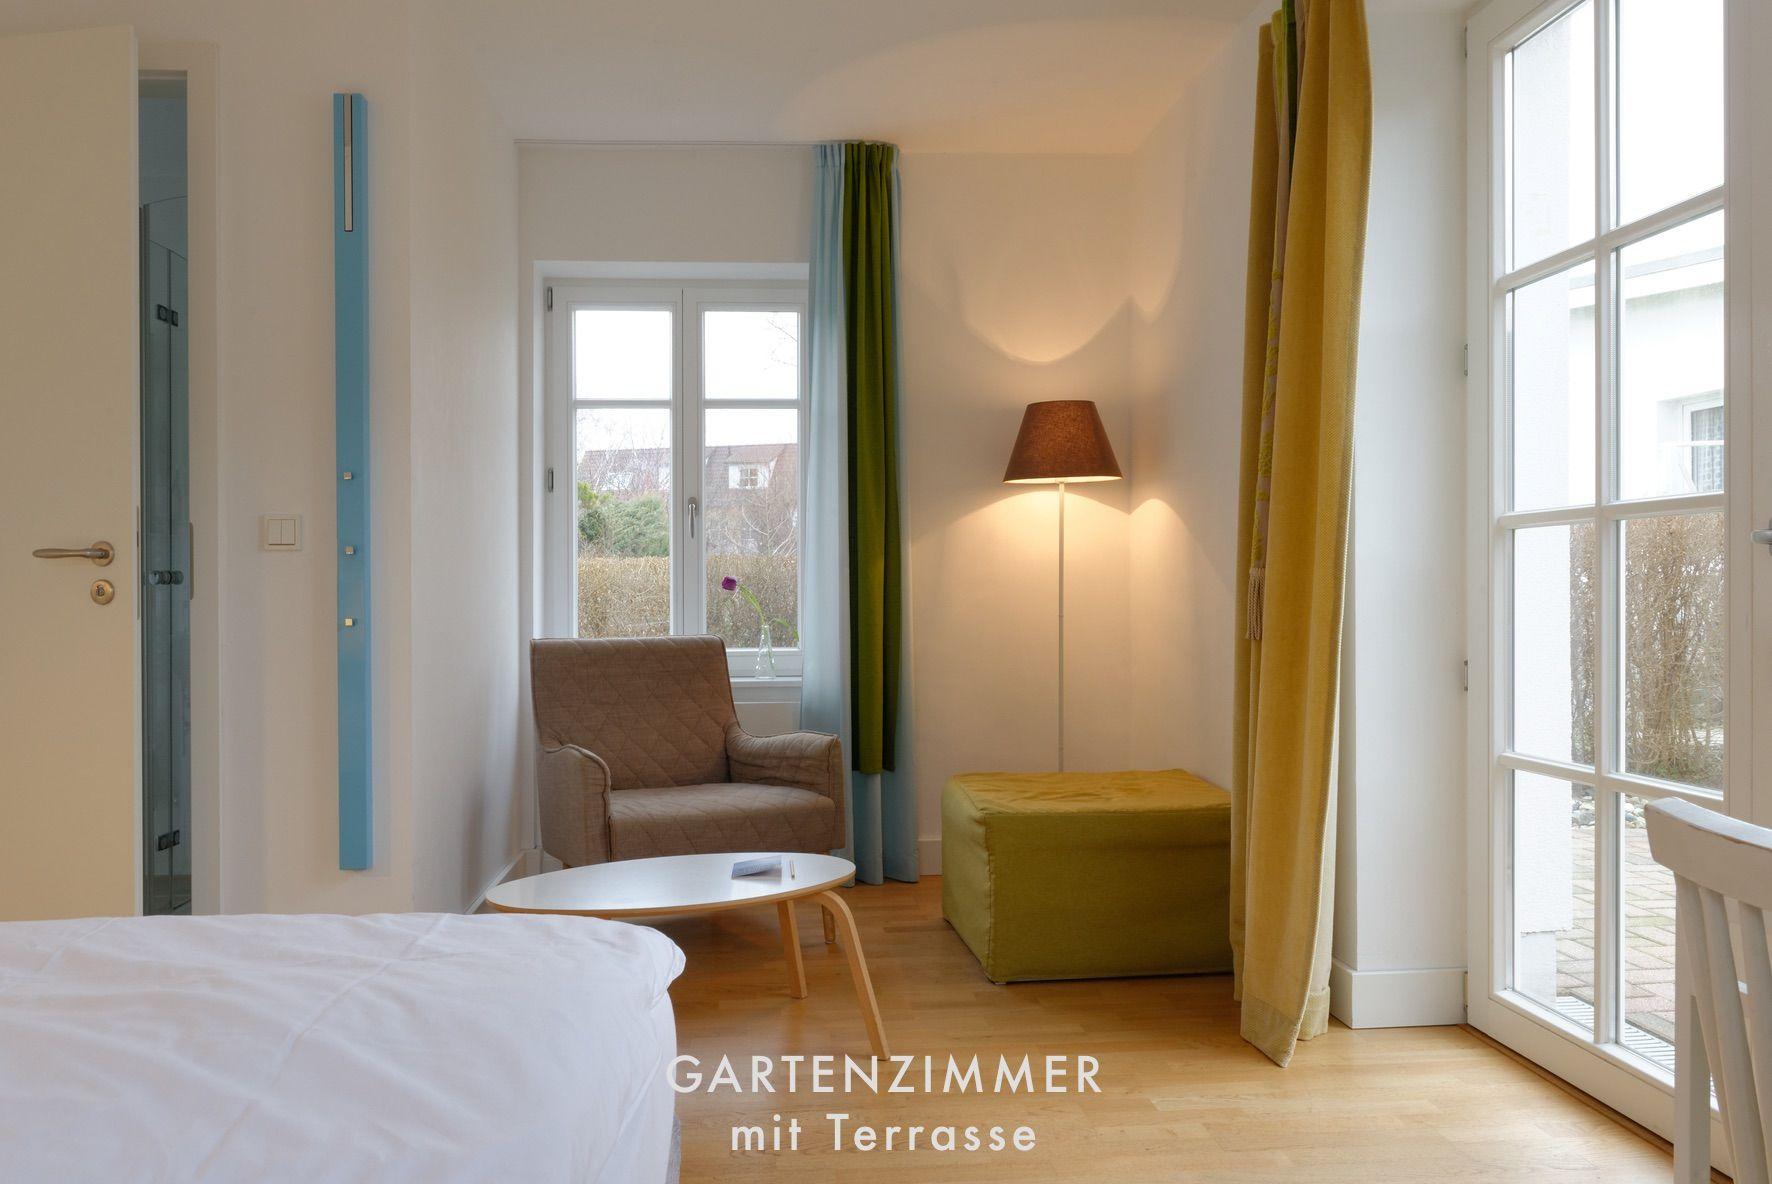 Hotel Charlottenhof Ahrenshoop Wohnen Ahrenshoop Schoner Wohnen